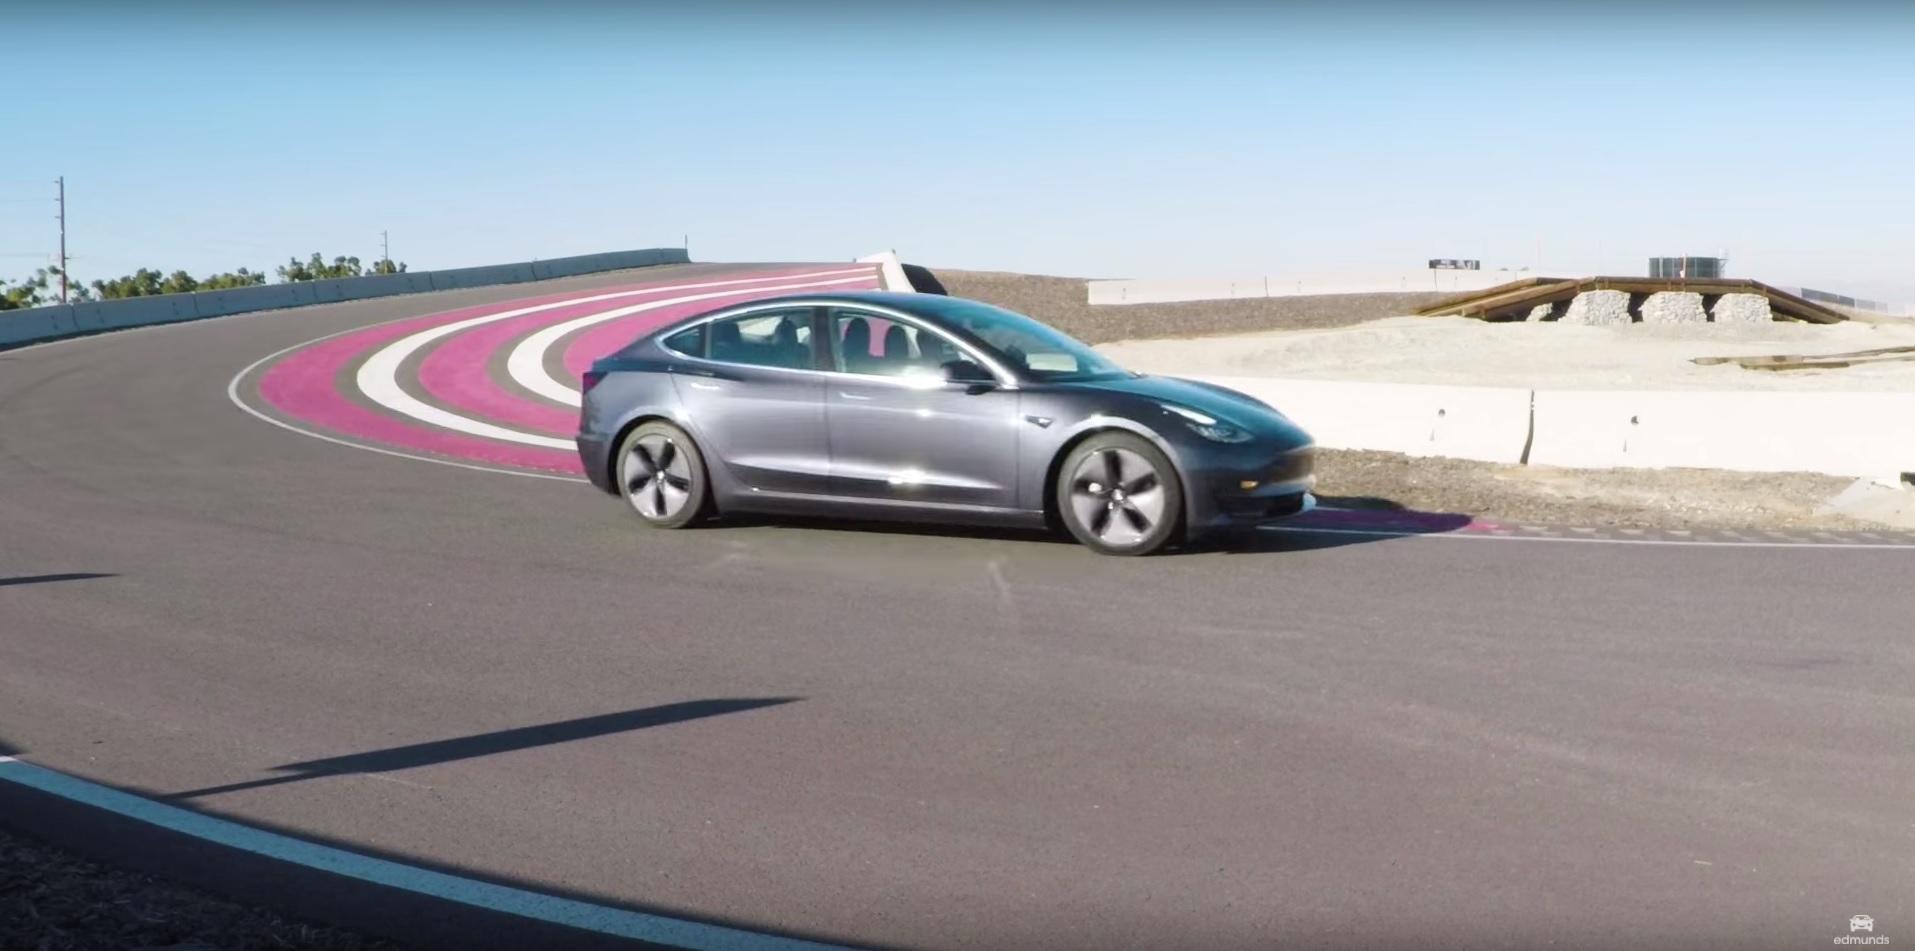 Tesla model 3 edmunds